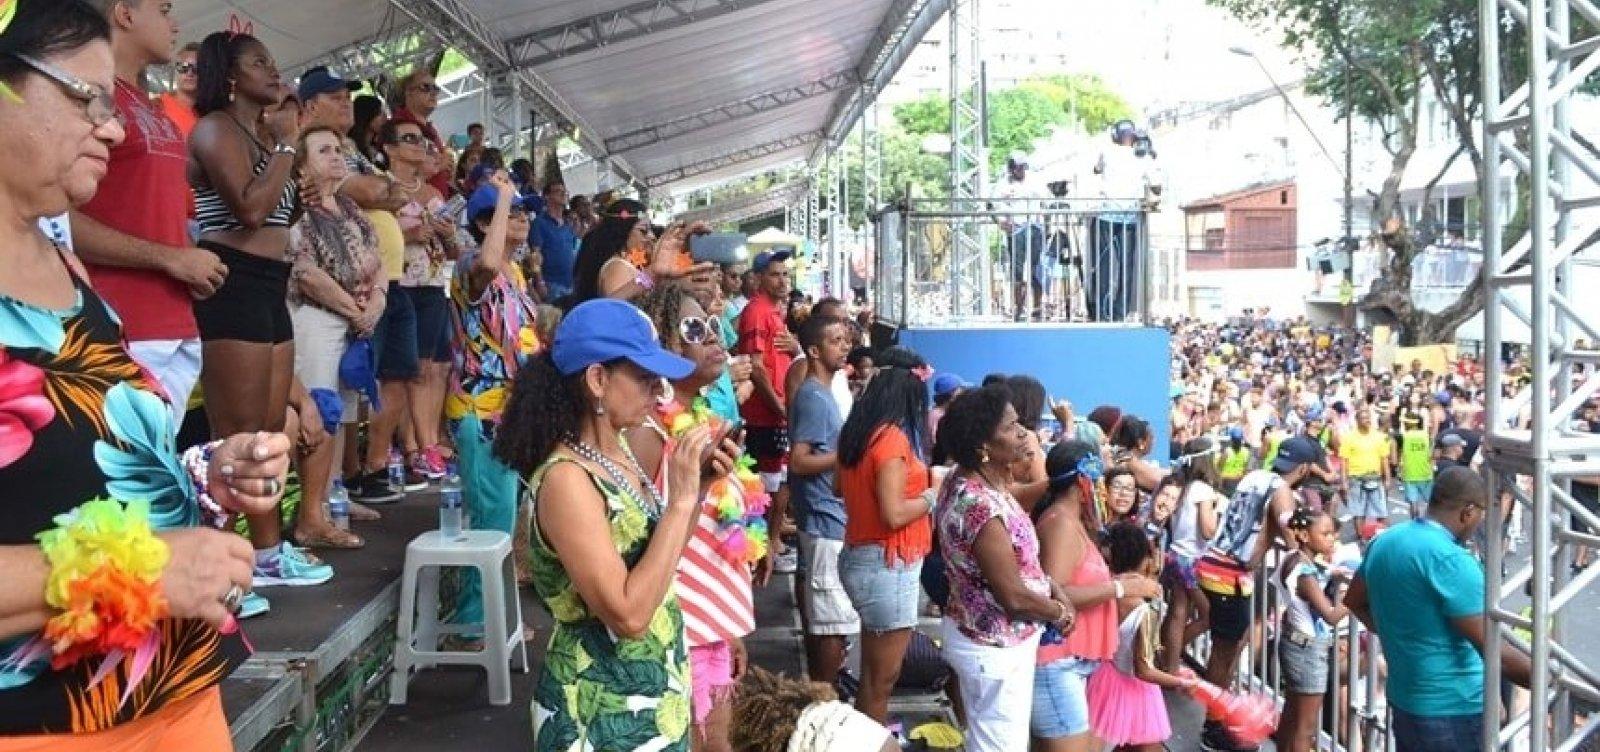 [Venda de ingressos para arquibancada do carnaval segue até domingo ]